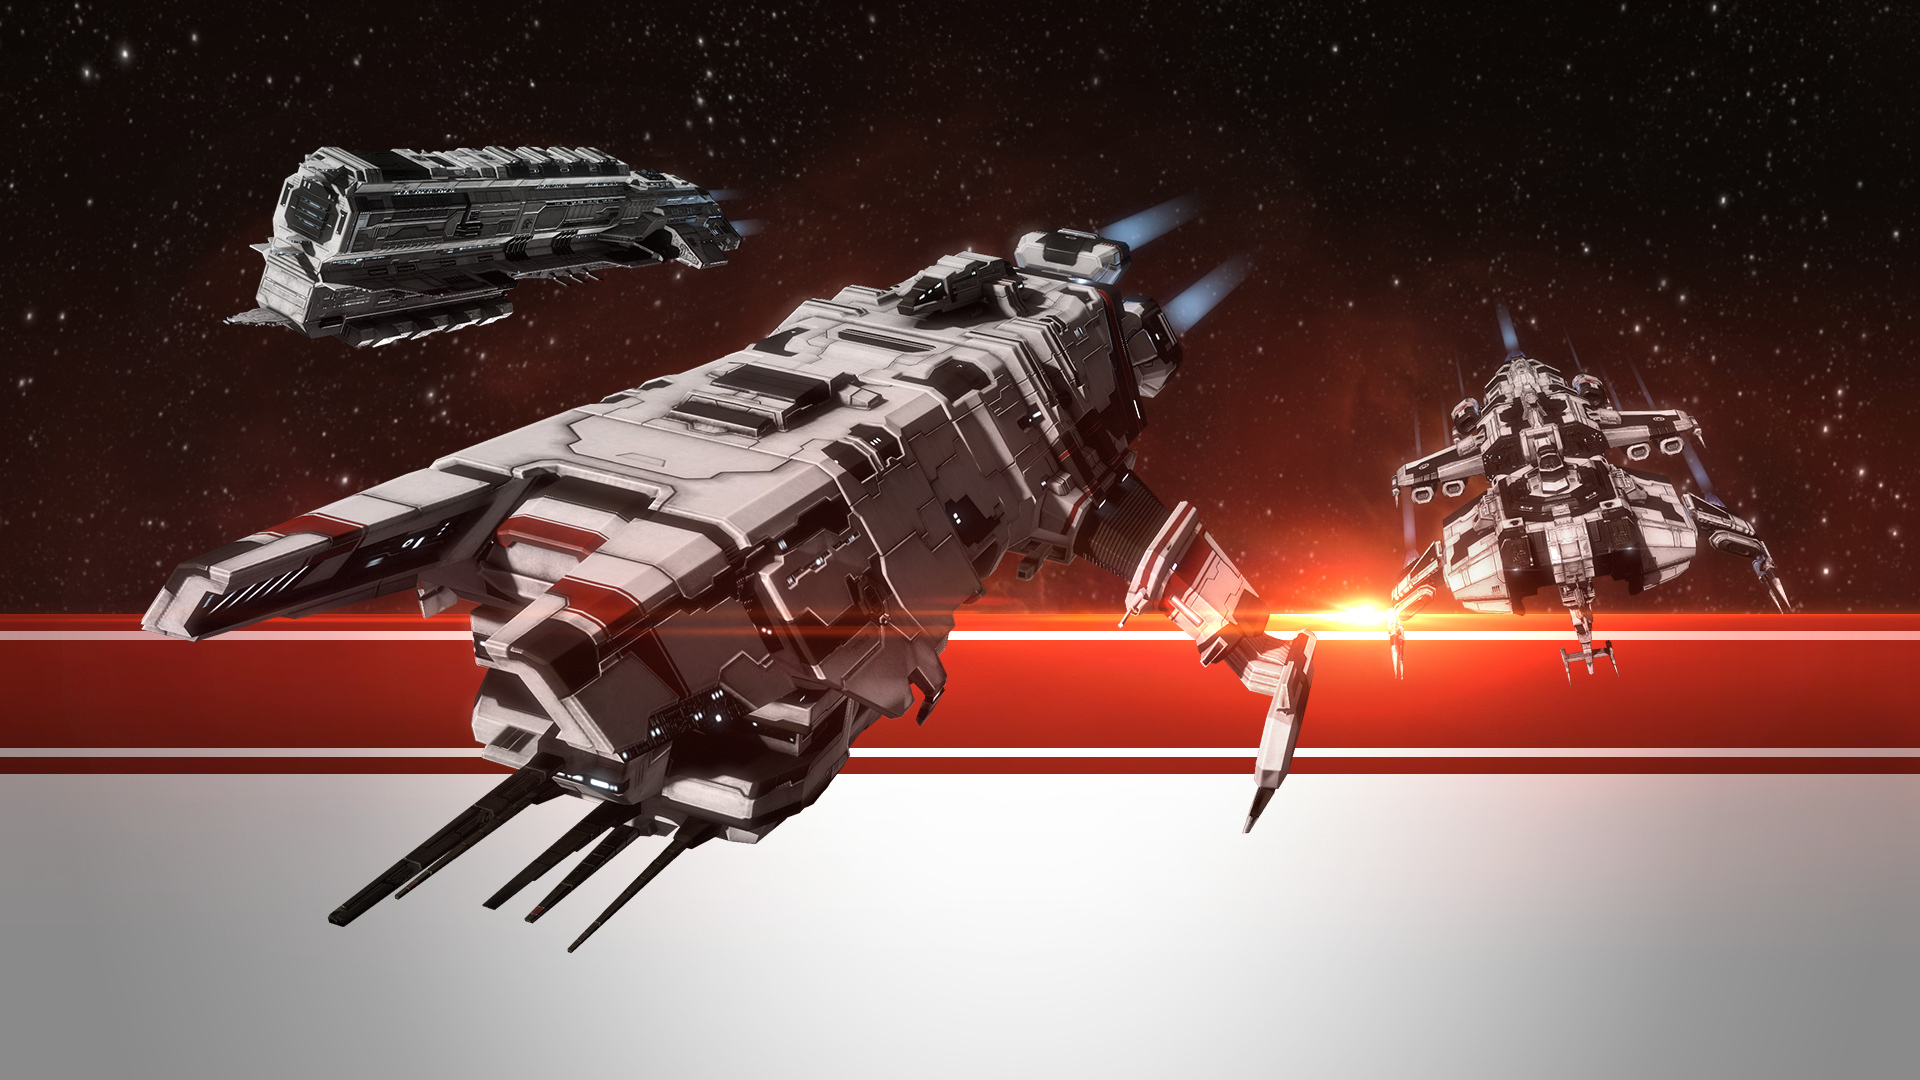 Jun 16, 2018 Eve Online and Star Citzen fans at war over 112